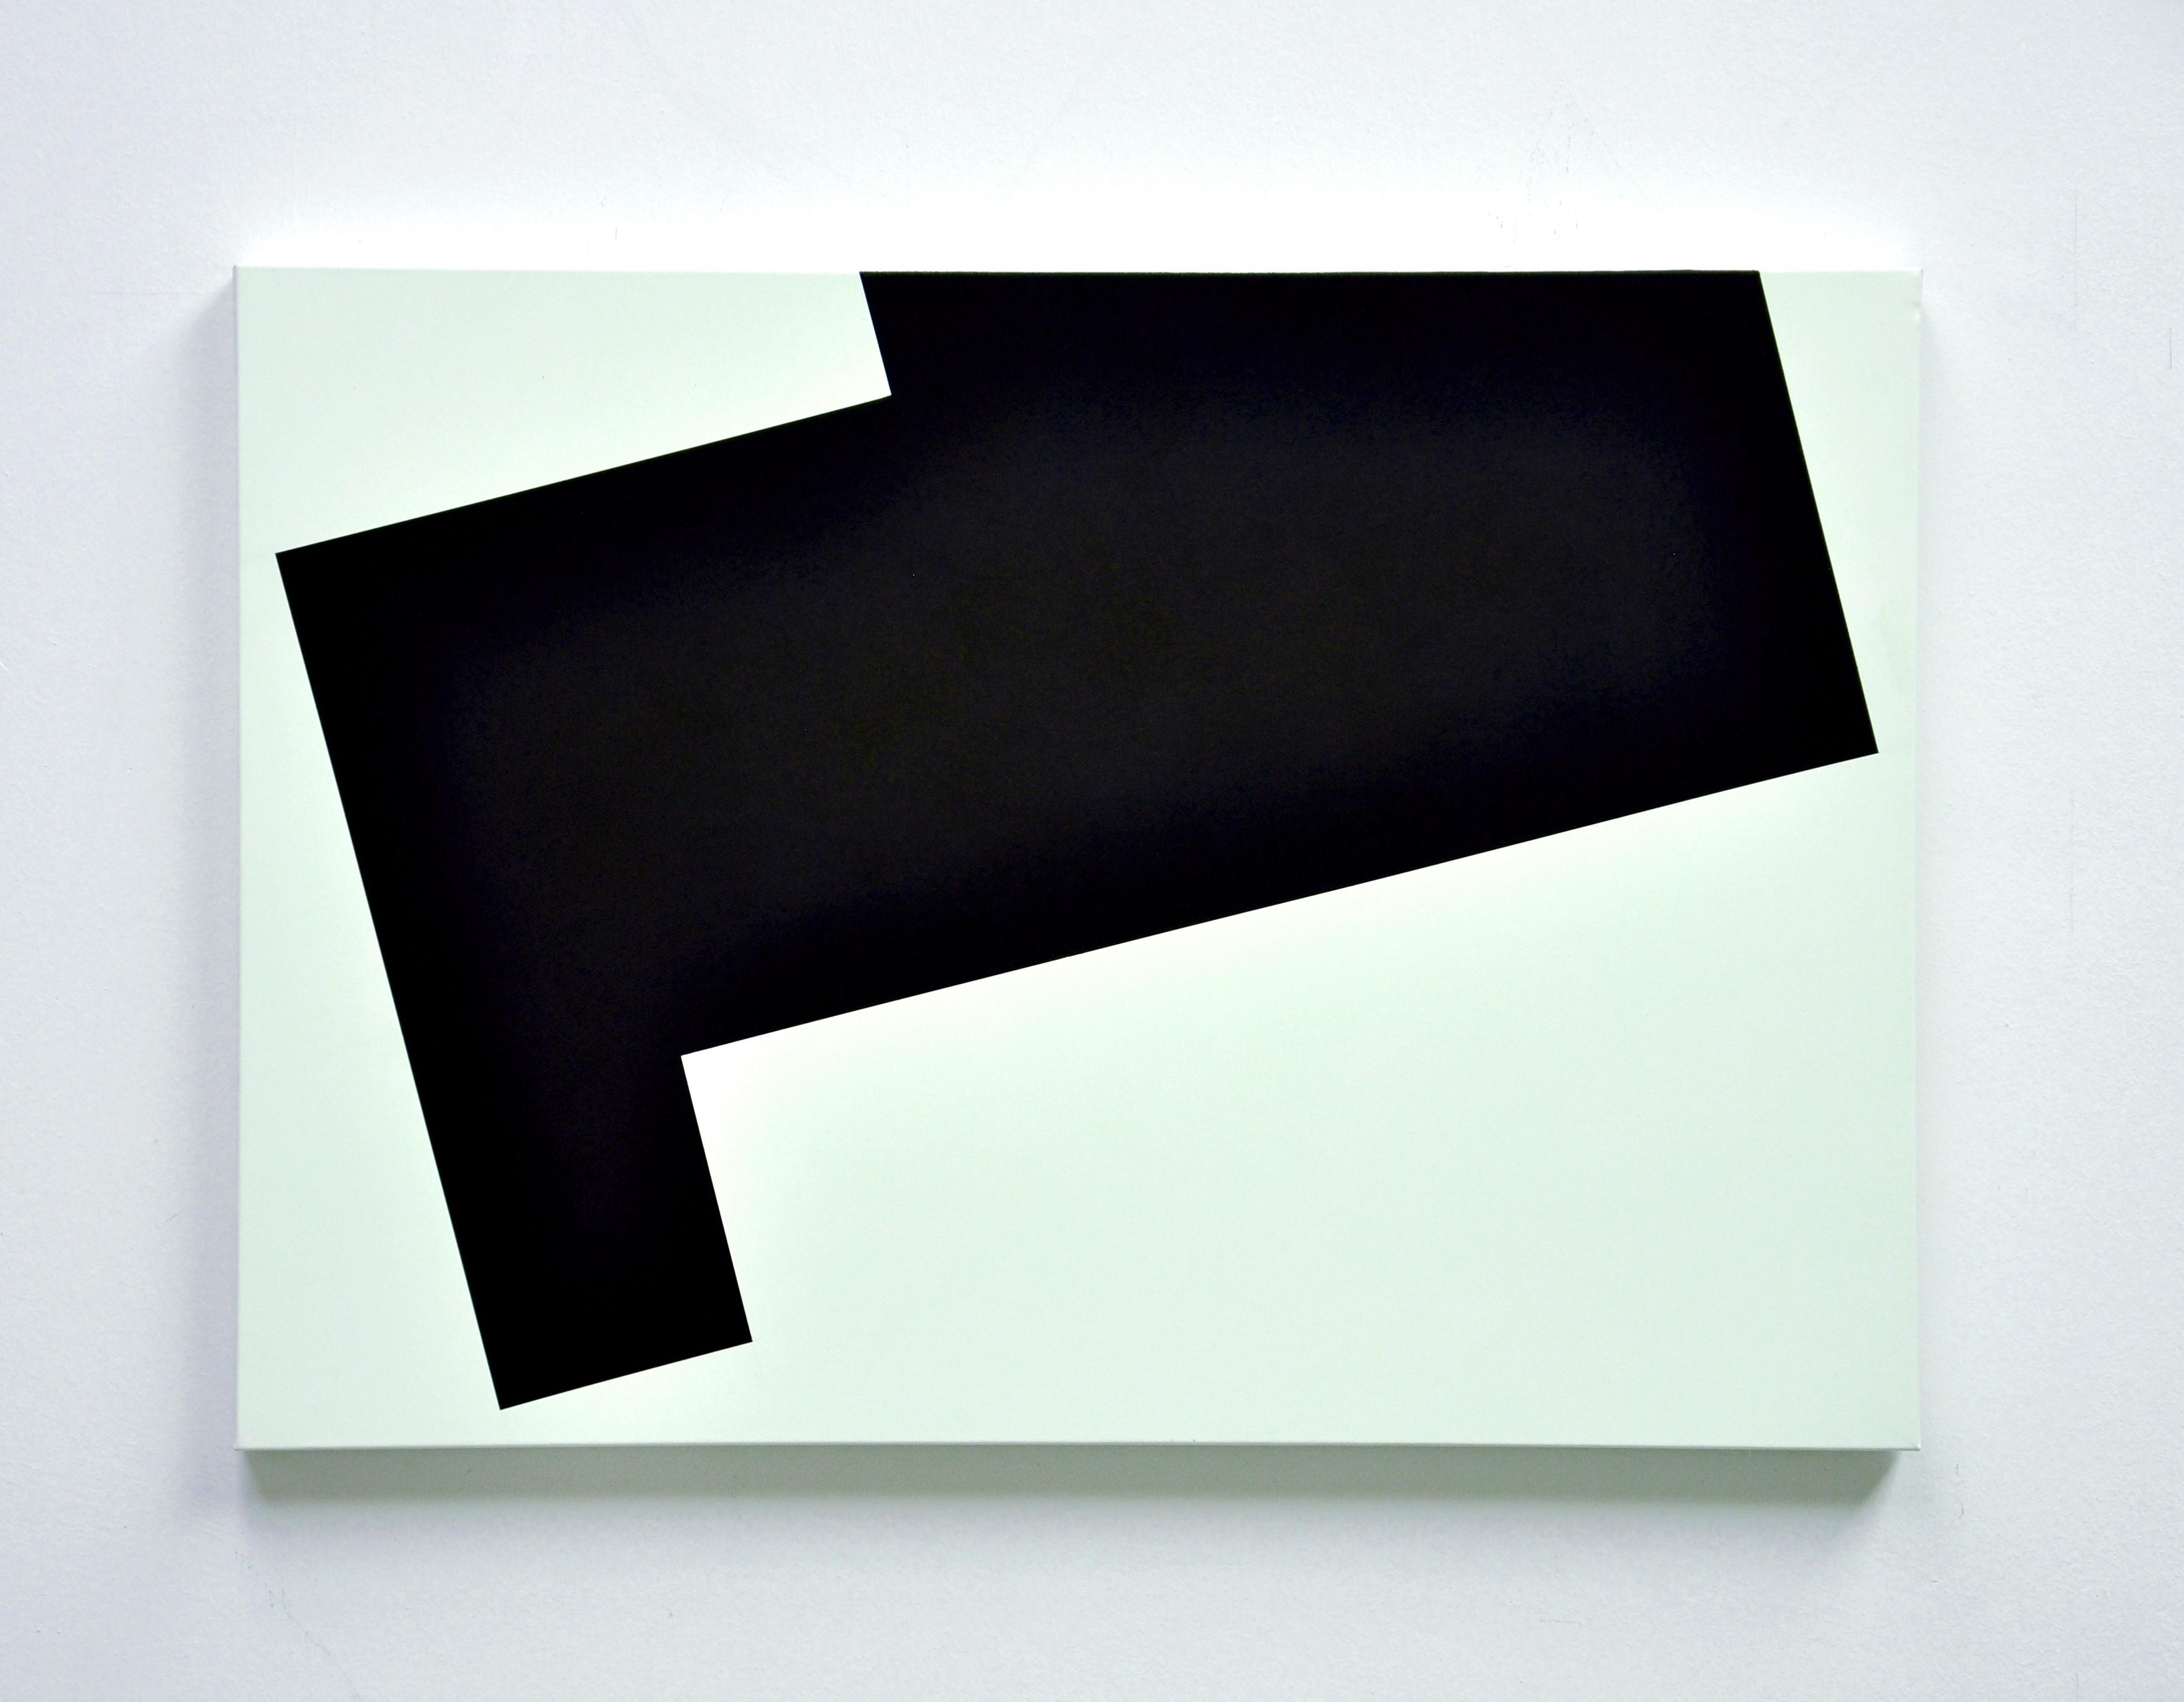 Diet Sayler - Altichiero da Zevio II. 2014, Acryl auf Leinwand, 70x100x4,5 cm